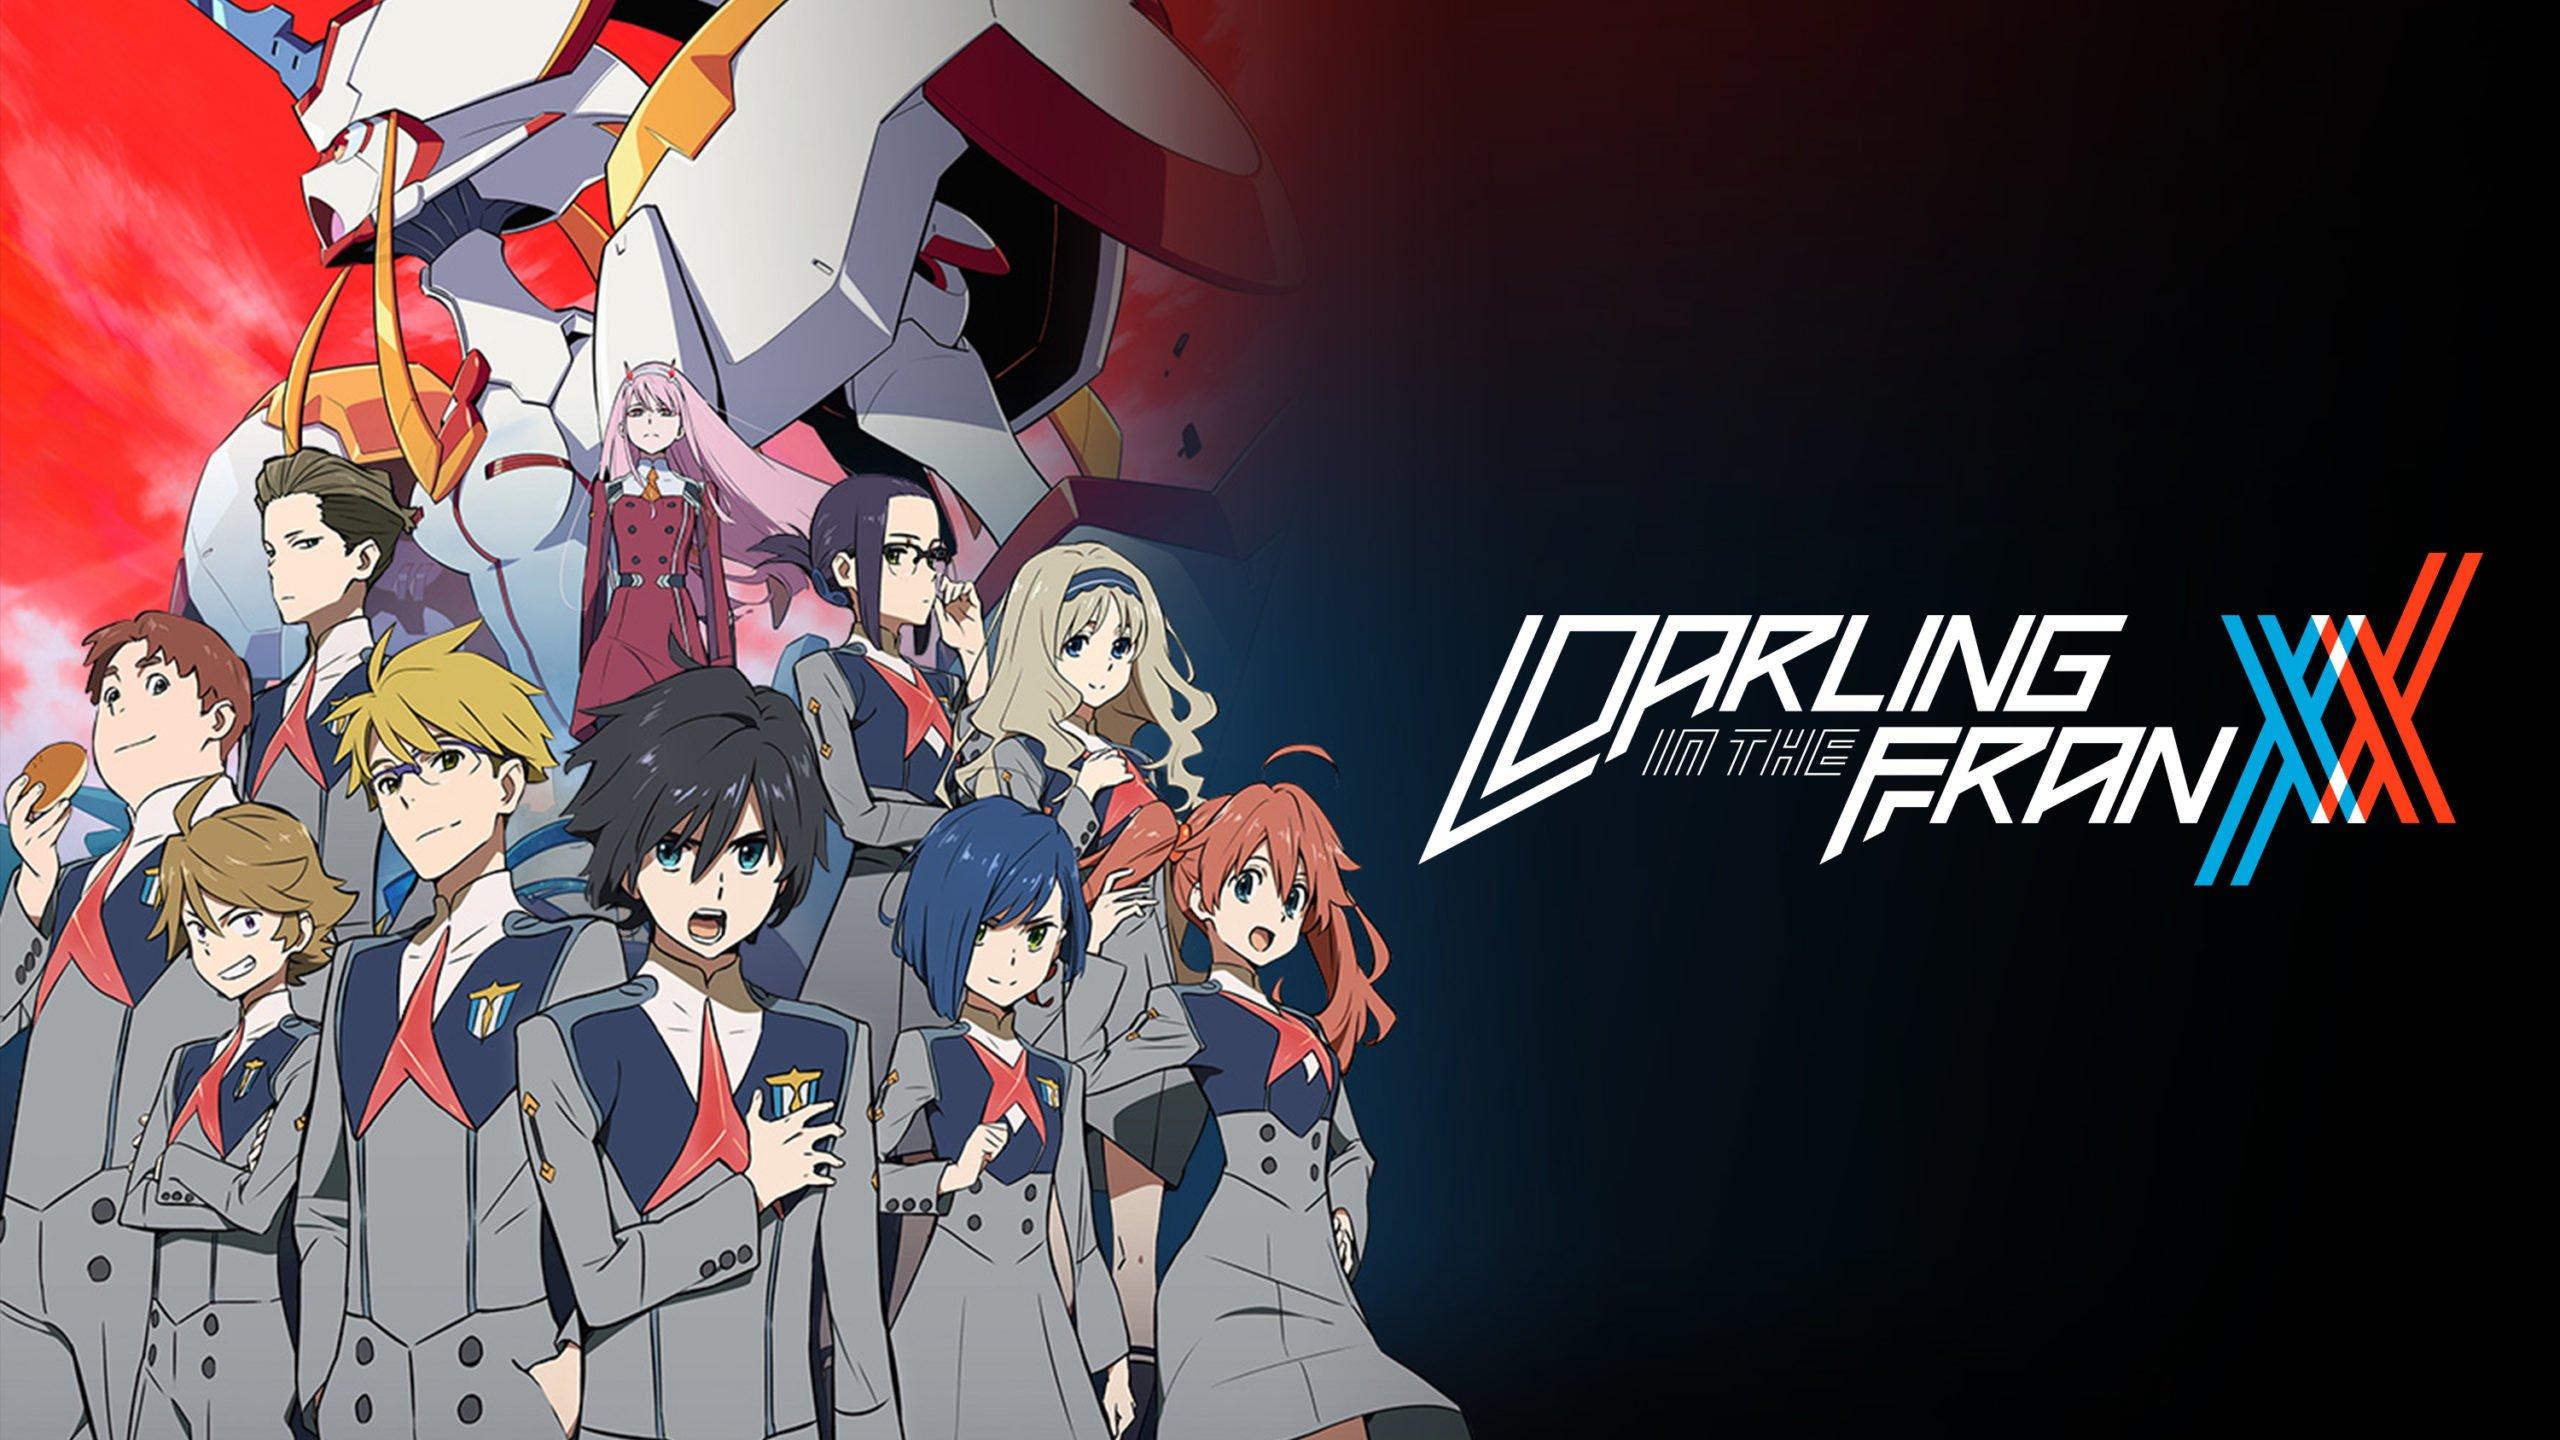 Darling in the FranXX Portada con Título